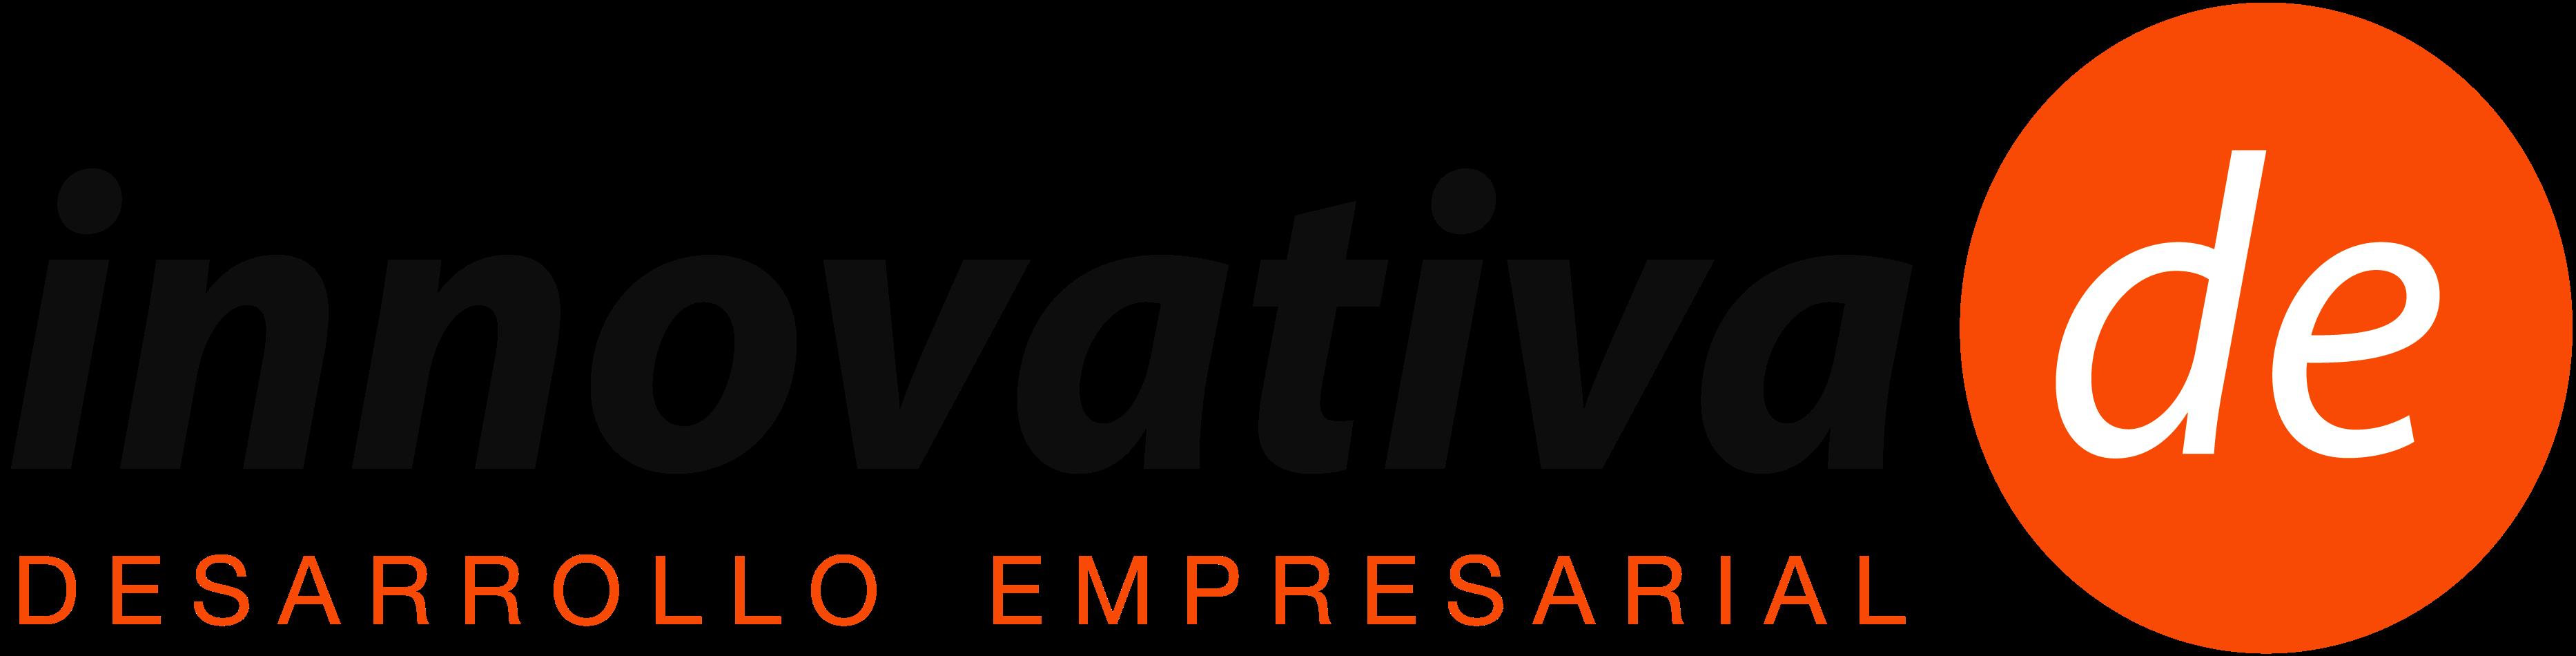 Innovativa de Desarrollo Empresarial